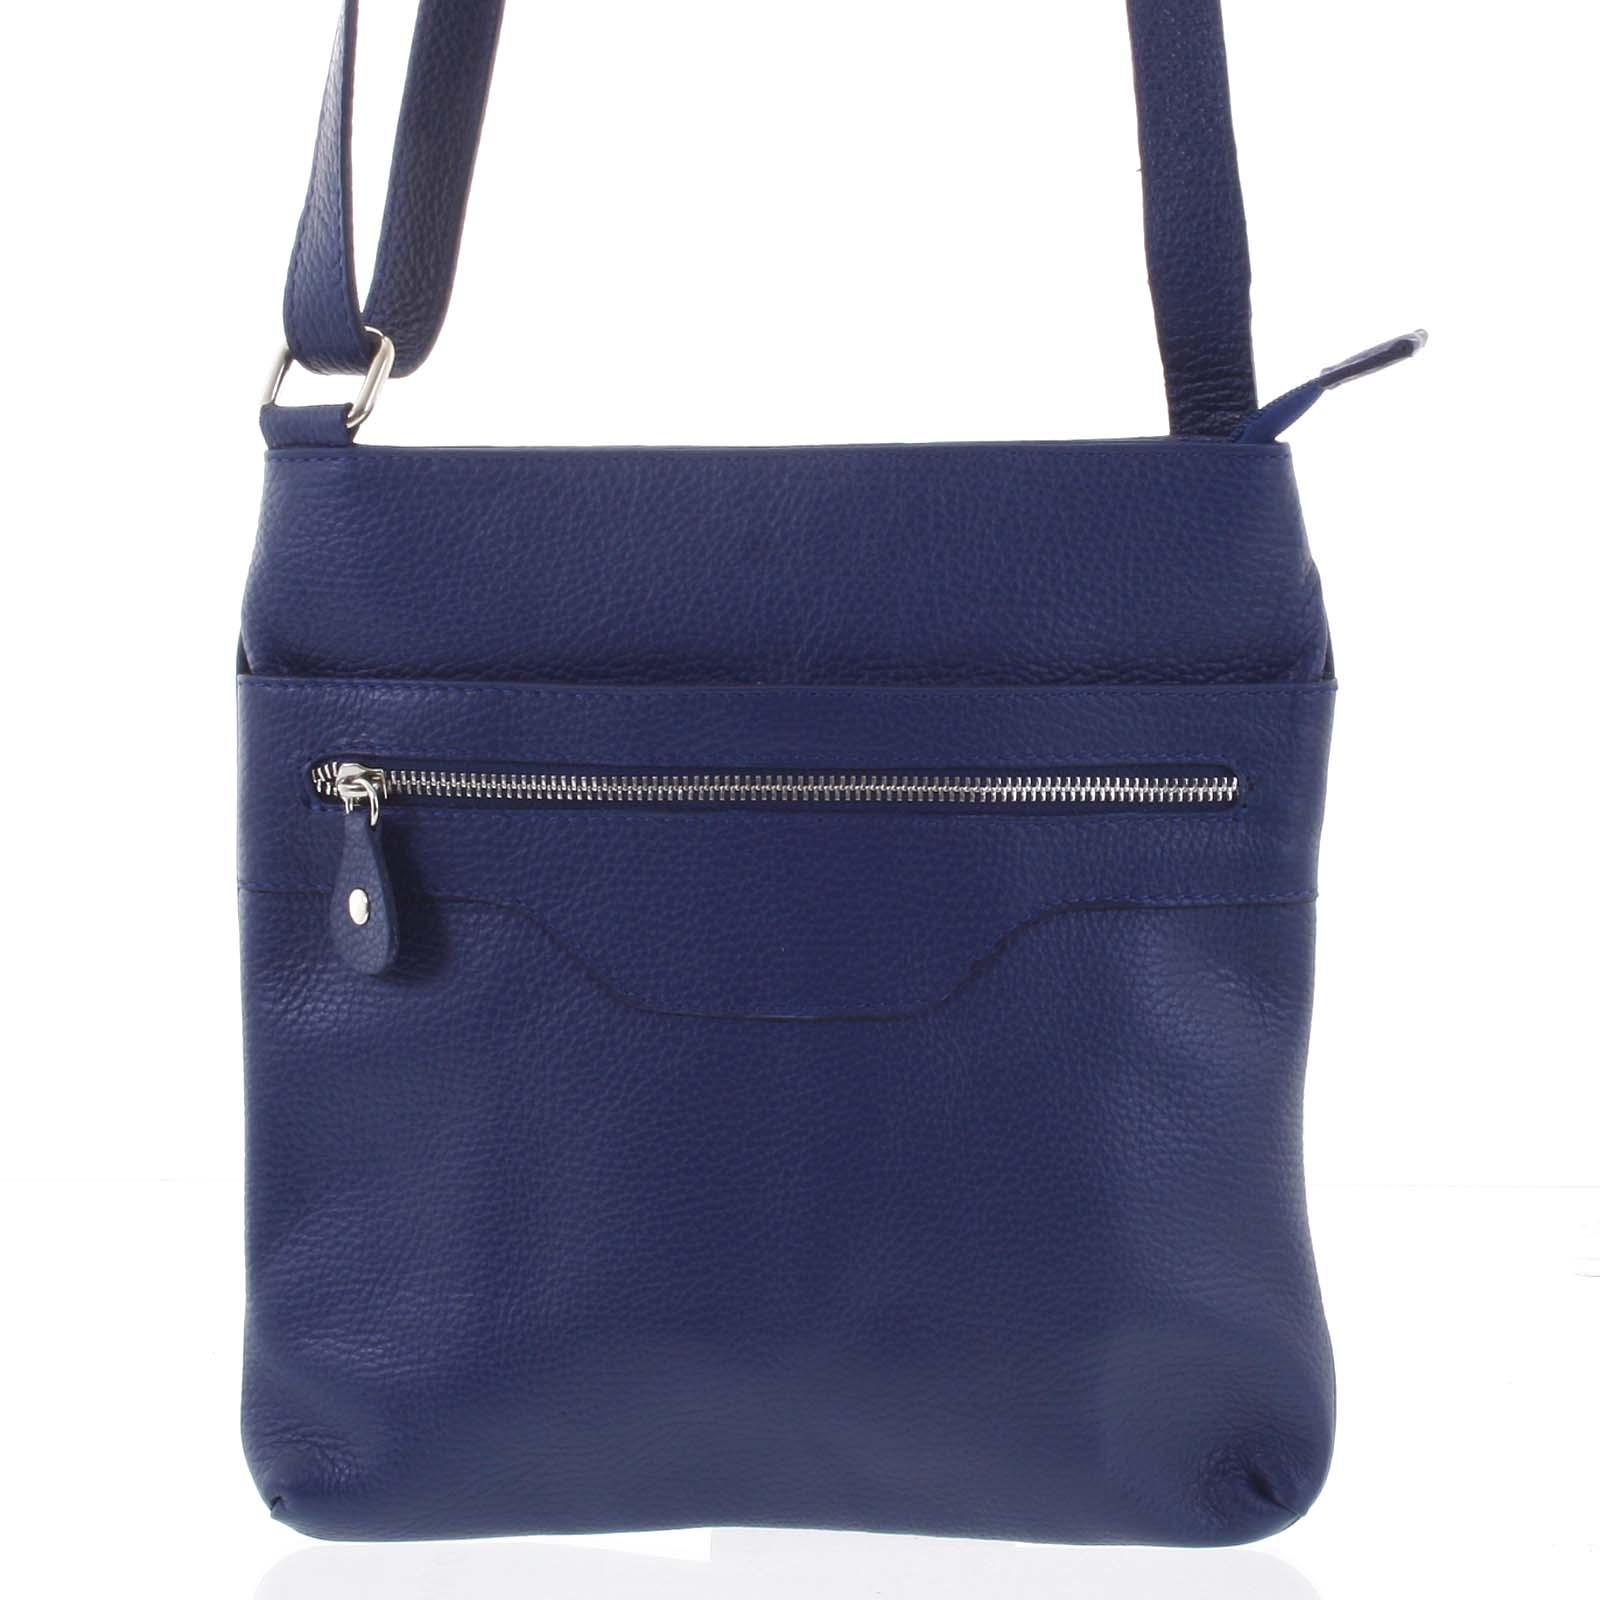 Dámská měkká kožená crossbody kabelka tmavě modrá - ItalY Acantha